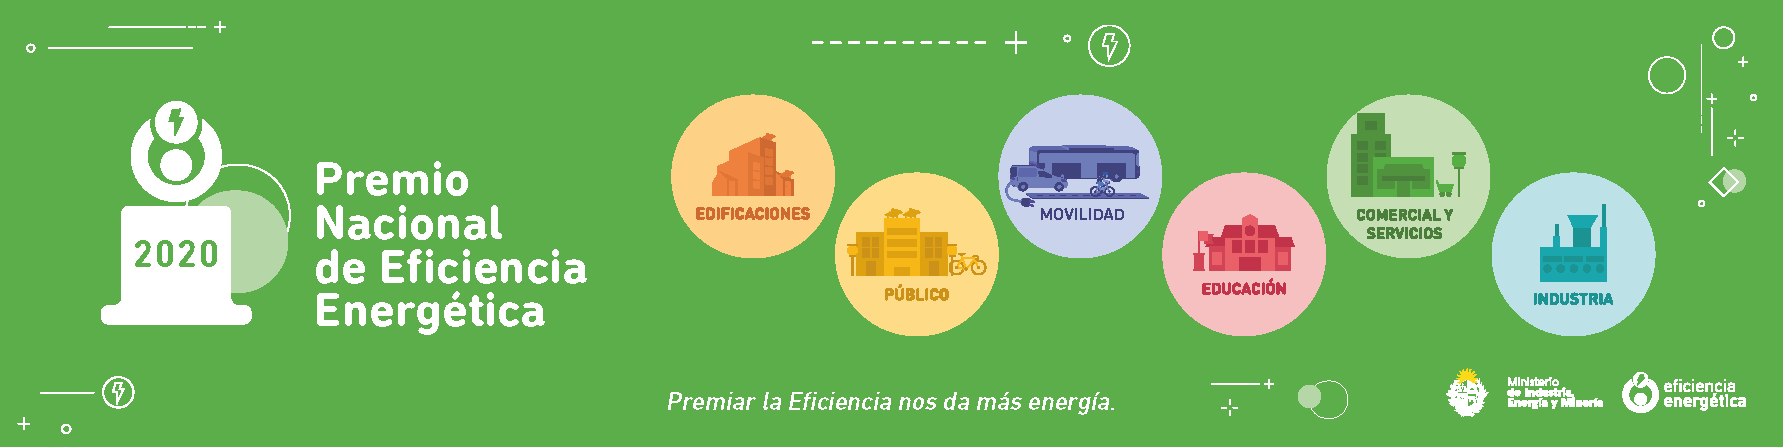 Está abierta la convocatoria para postularse al Premio Nacional de Eficiencia Energética 2020